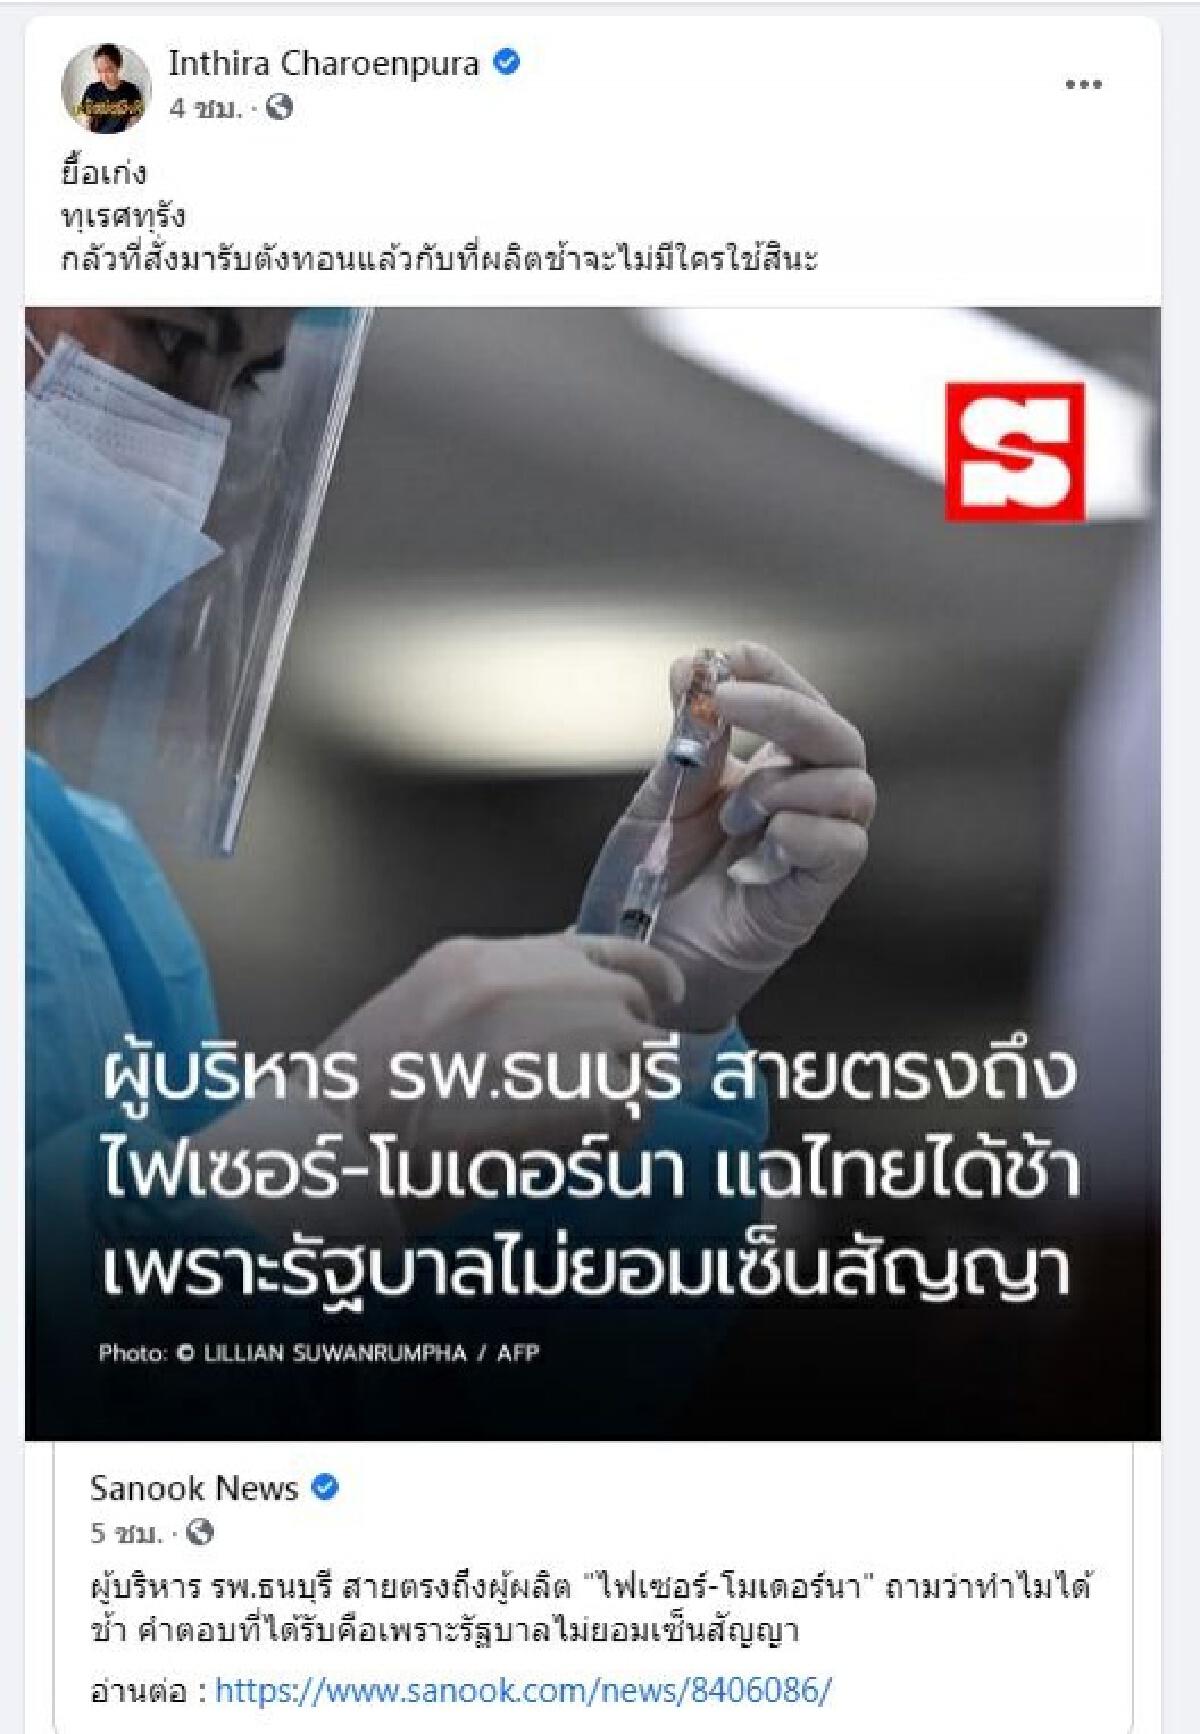 """""""ทราย เจริญปุระ""""ฟาดไม่ยั้งเรื่องวัคซีน โควิด-19 แคปข่าว""""อนุทิน""""รอ"""